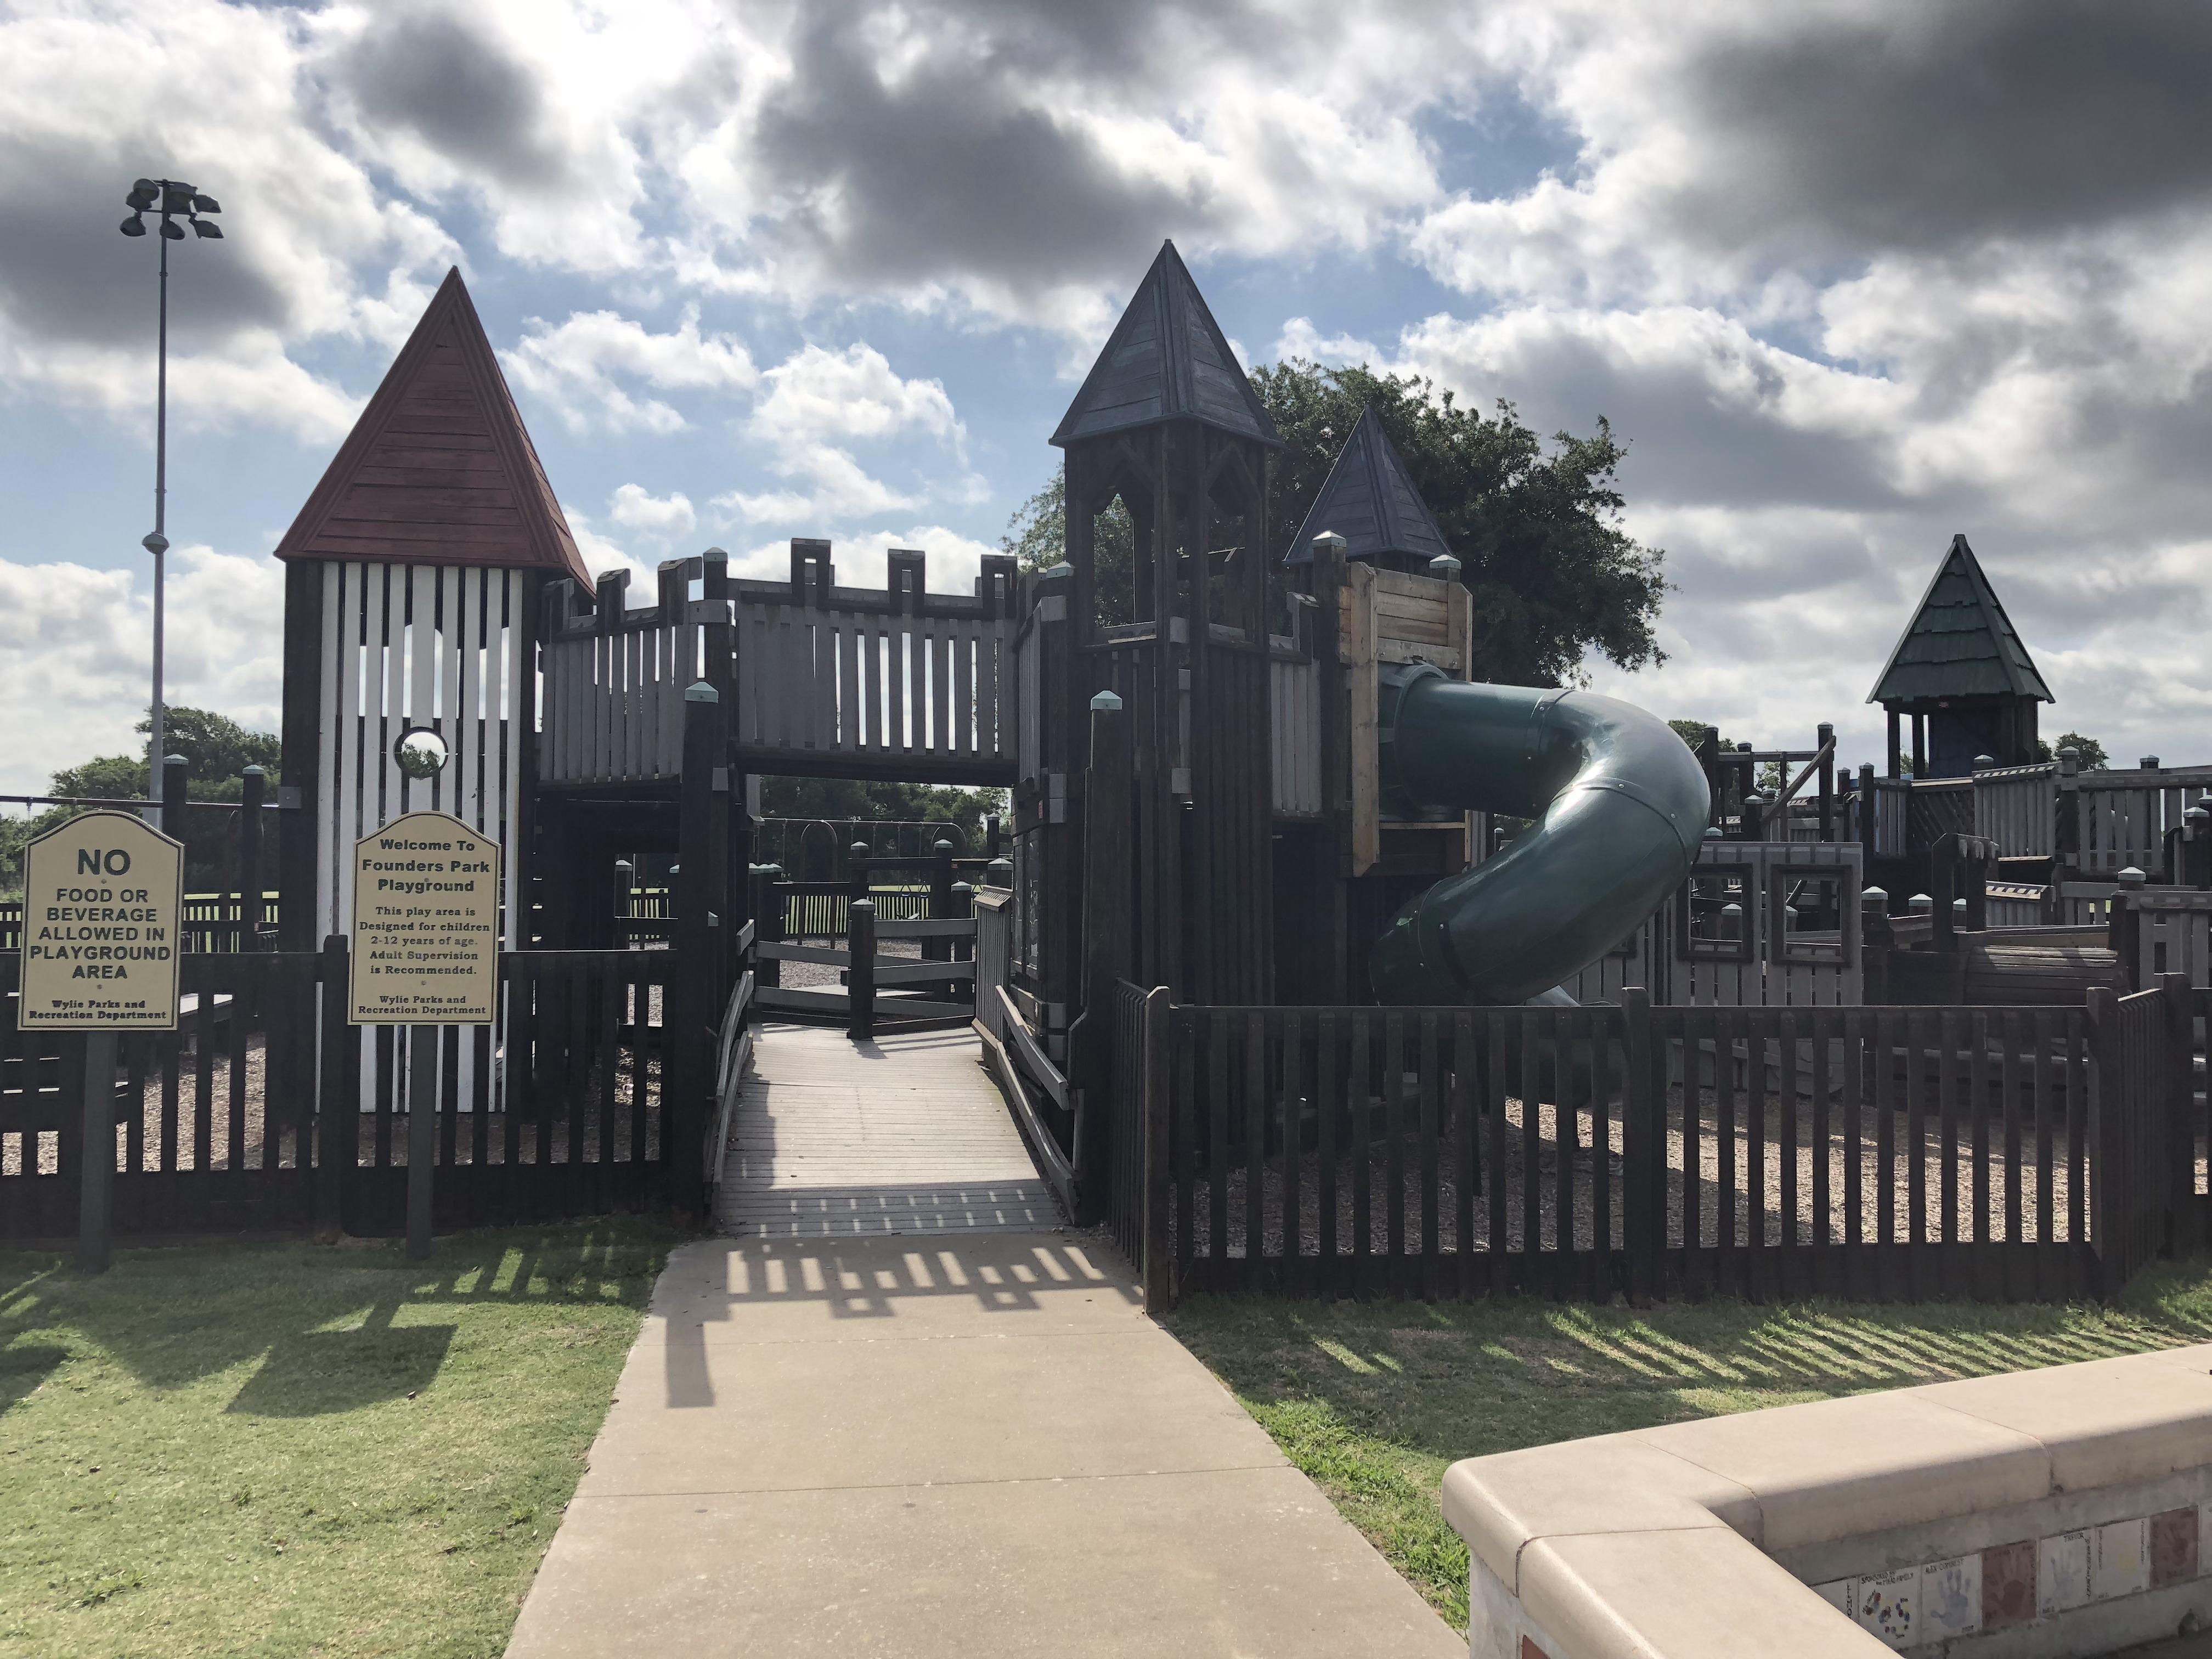 Parks master plan sessions set